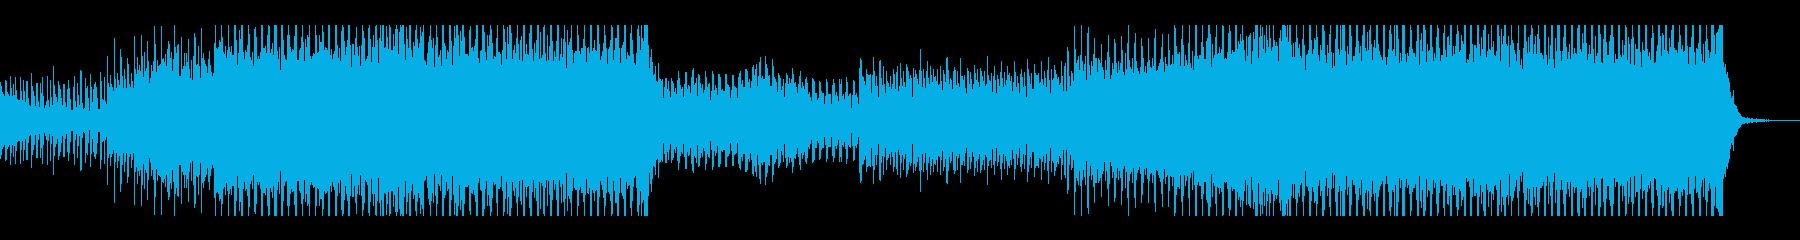 情熱的で元気が出るEDMの再生済みの波形